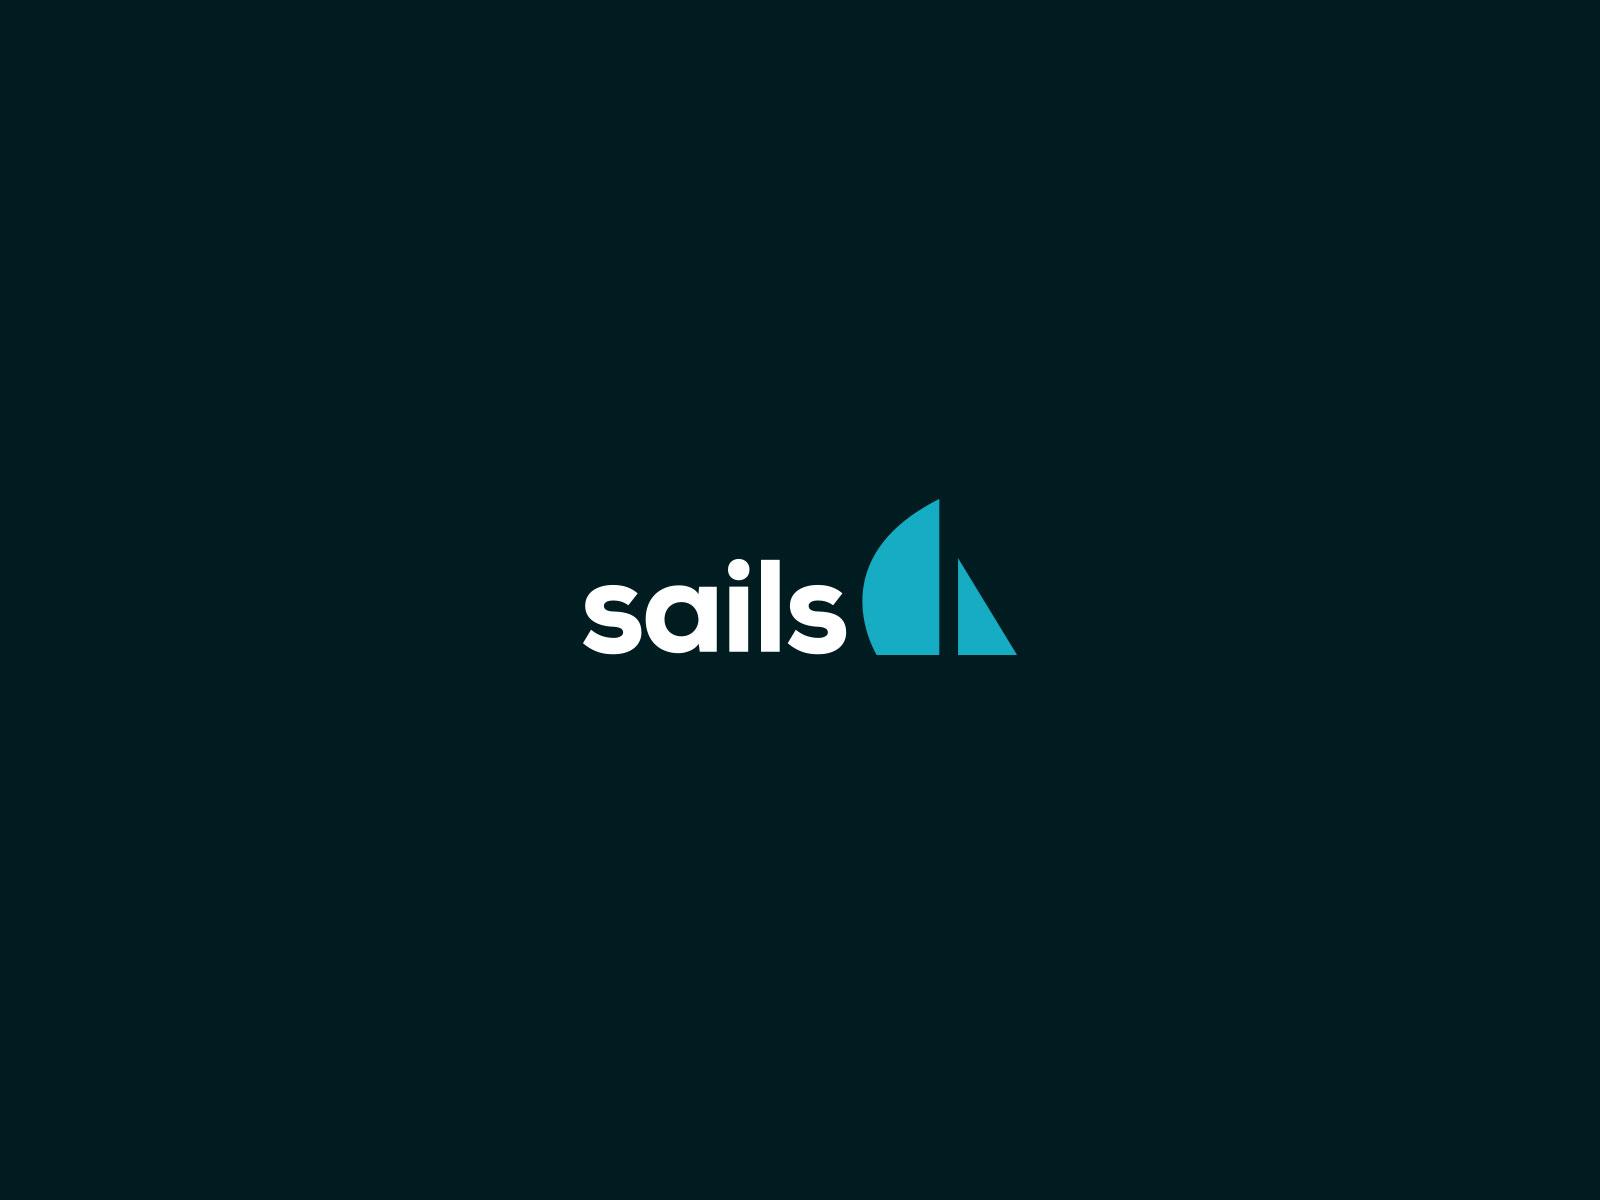 sails-3@2x